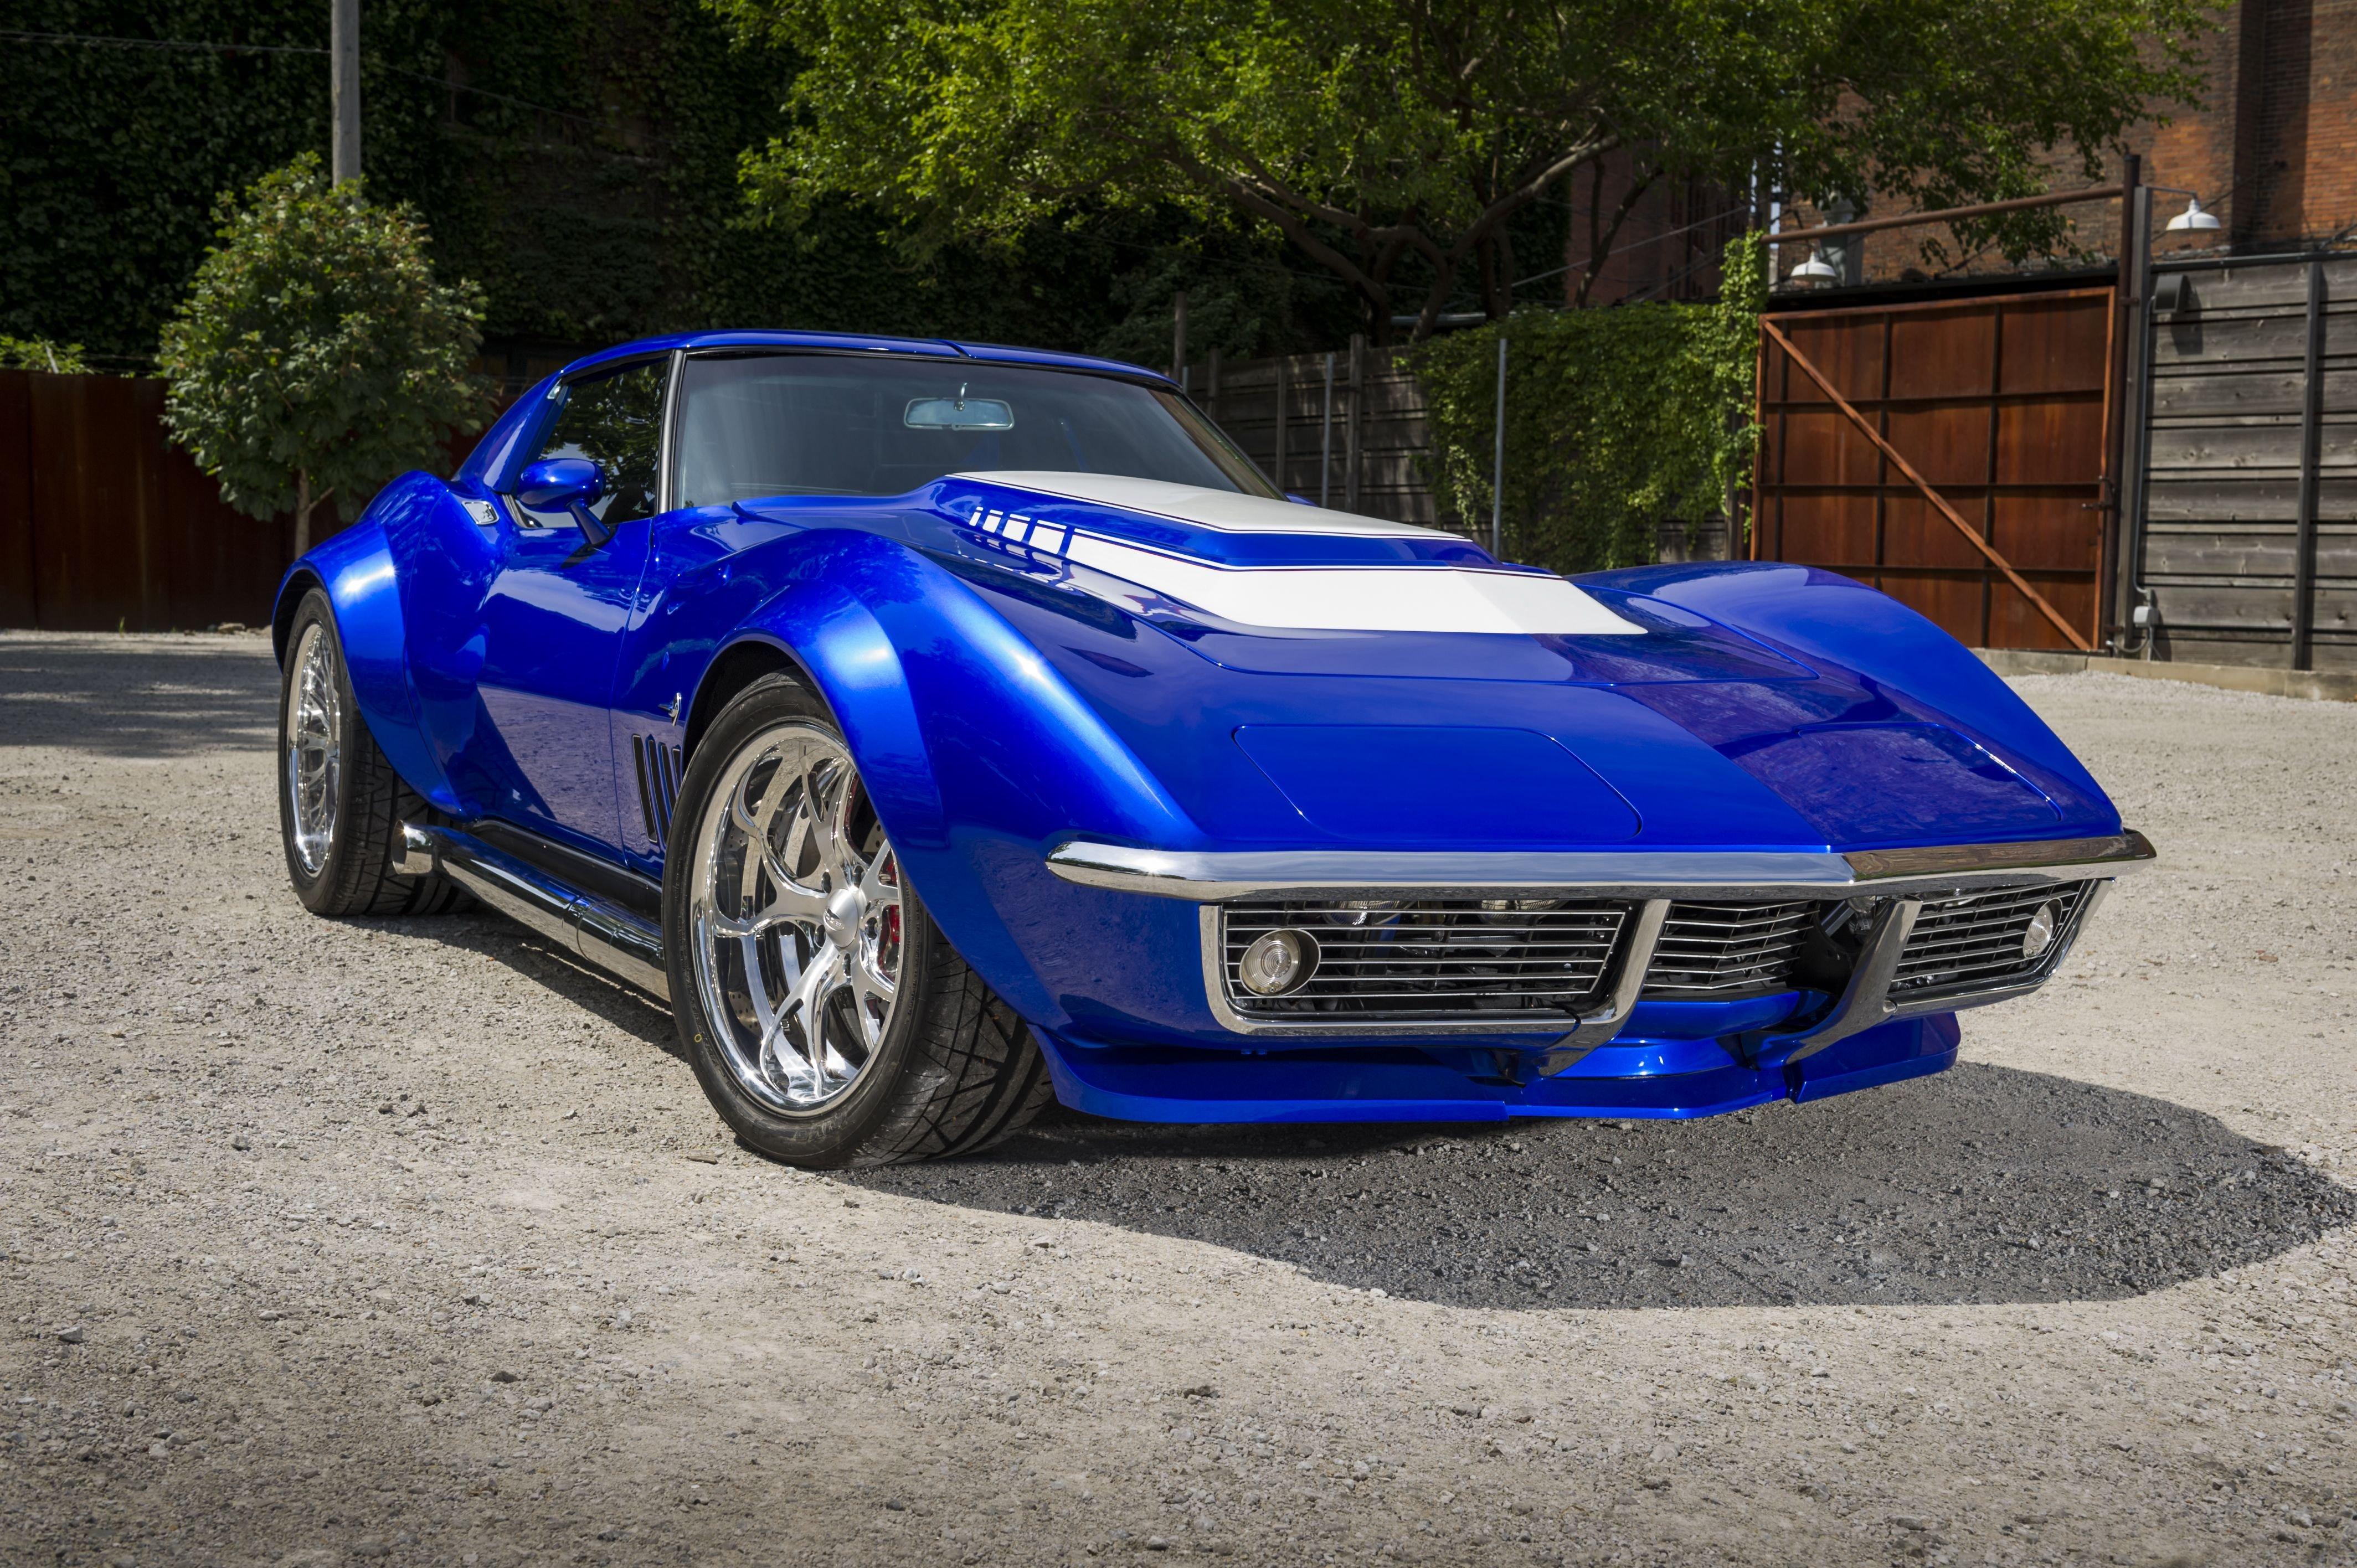 1969 chevrolet corvette stingray blue c3 cars wallpaper 4256x2832 841975 wallpaperup - Corvette Stingray 1969 Wallpaper